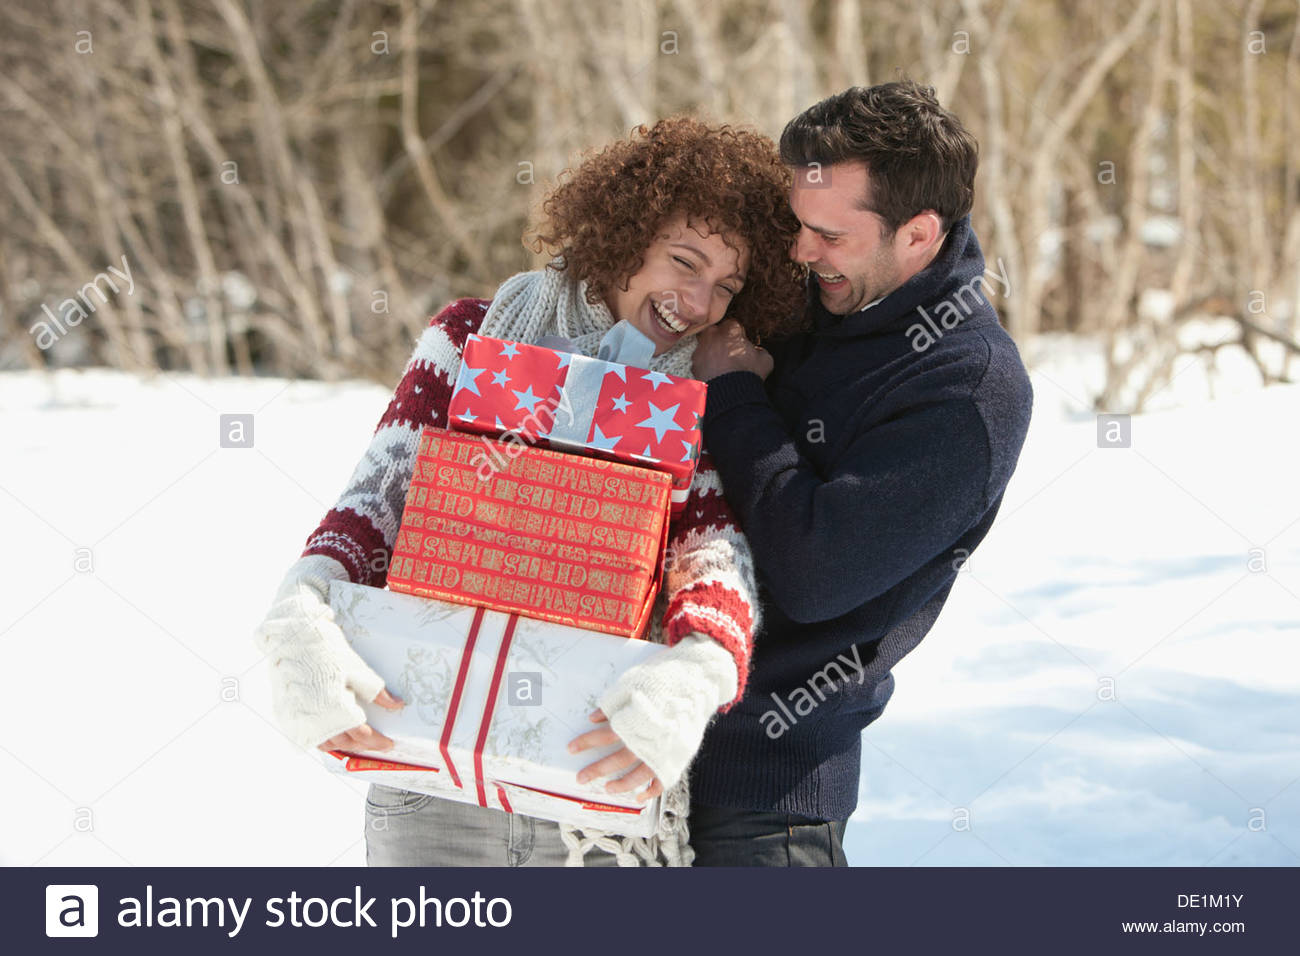 L'homme et de la femme avec des dons à l'extérieur, l'hiver Photo Stock